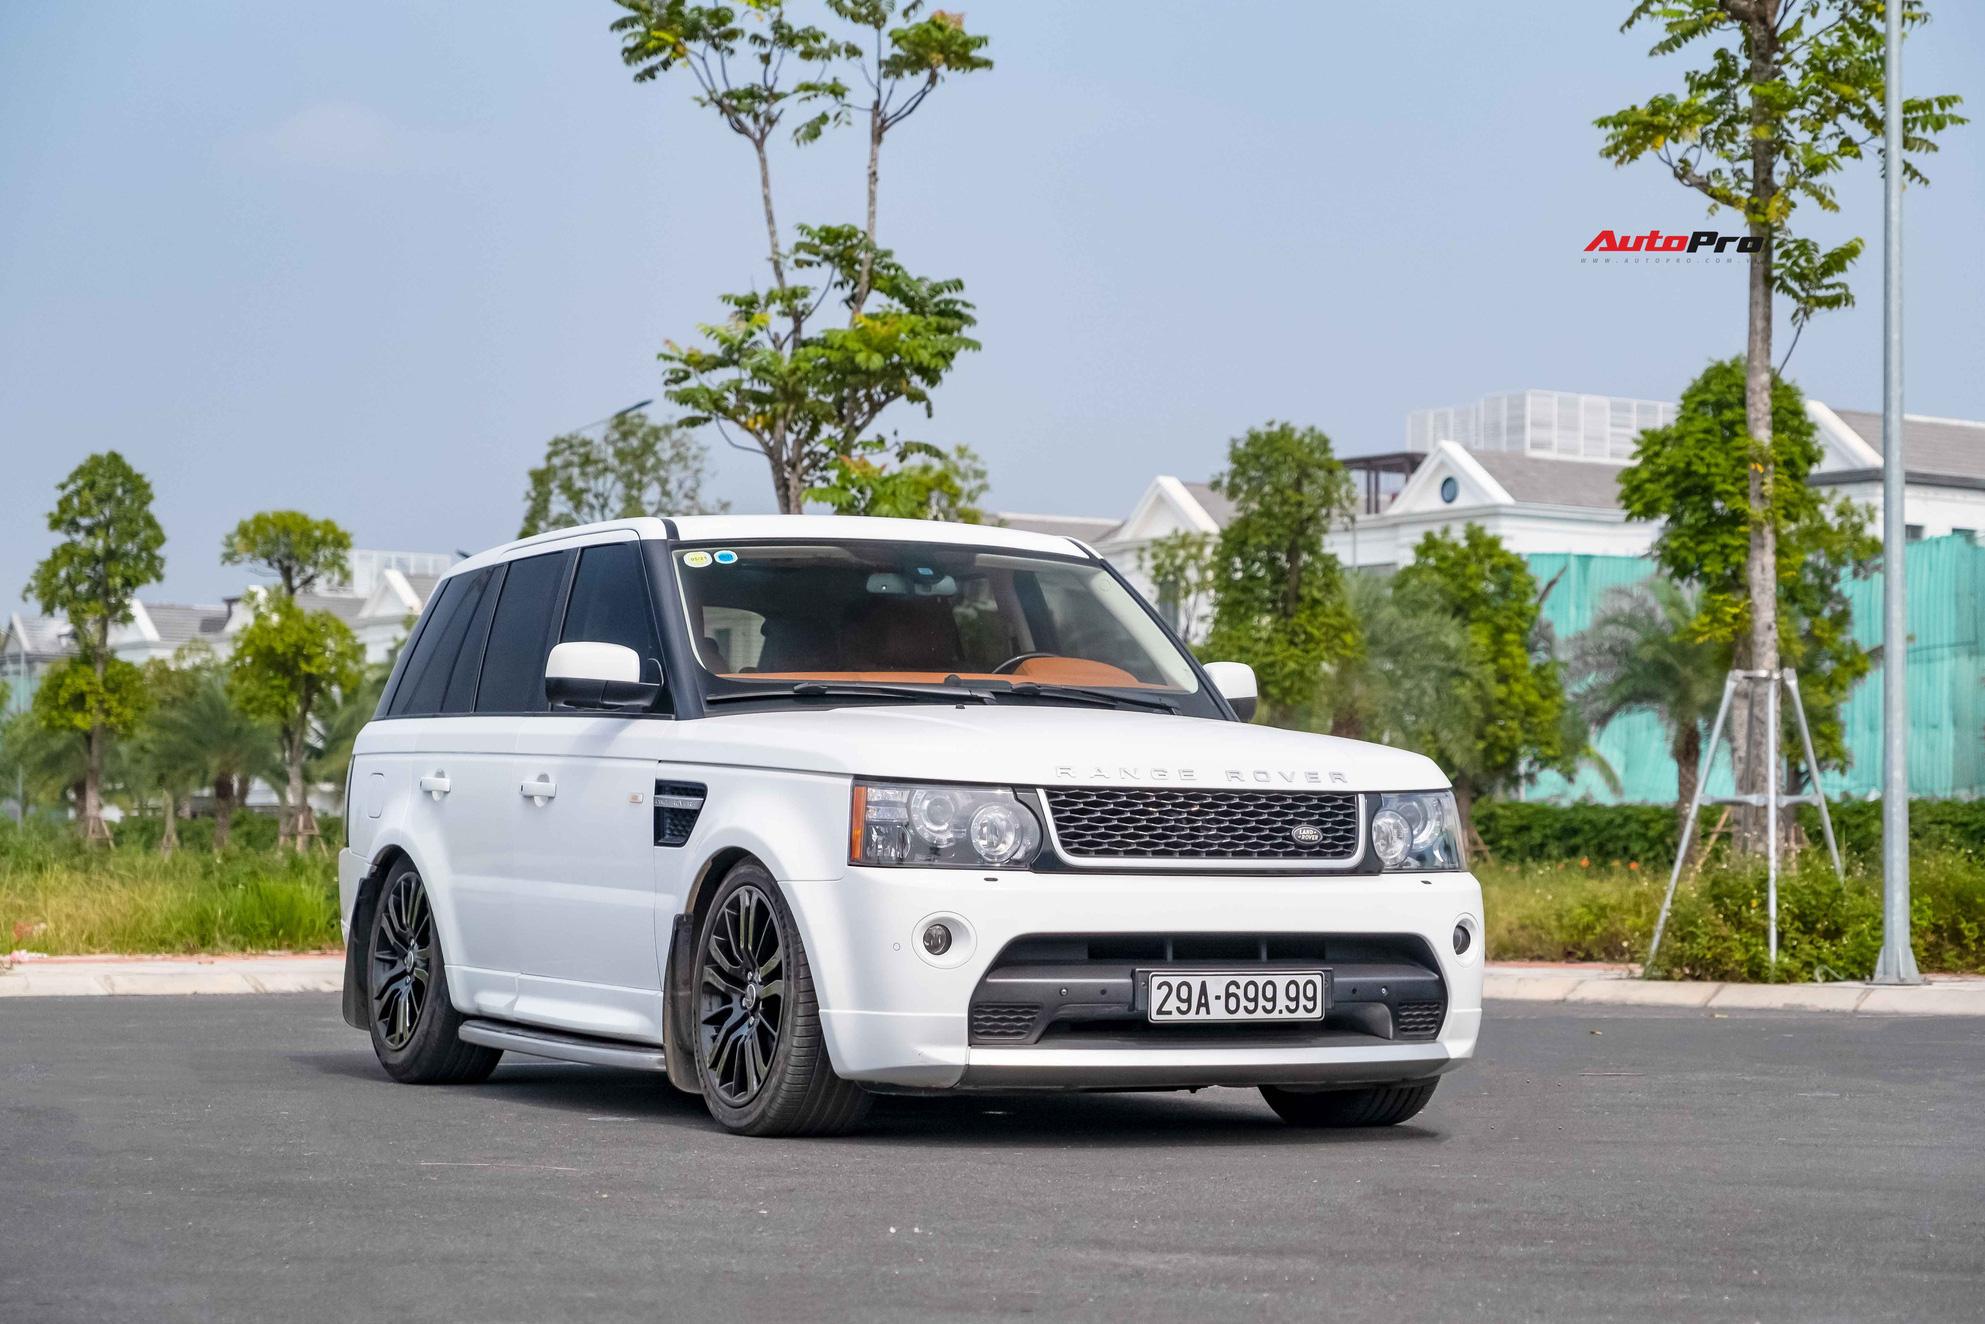 Bán Range Rover Sport biển 699.99 giá 1,8 tỷ, chủ nhân tiết lộ: 'Tiền biển đủ mua Kia Moring, nhiều đại gia hỏi mua để trưng bày'